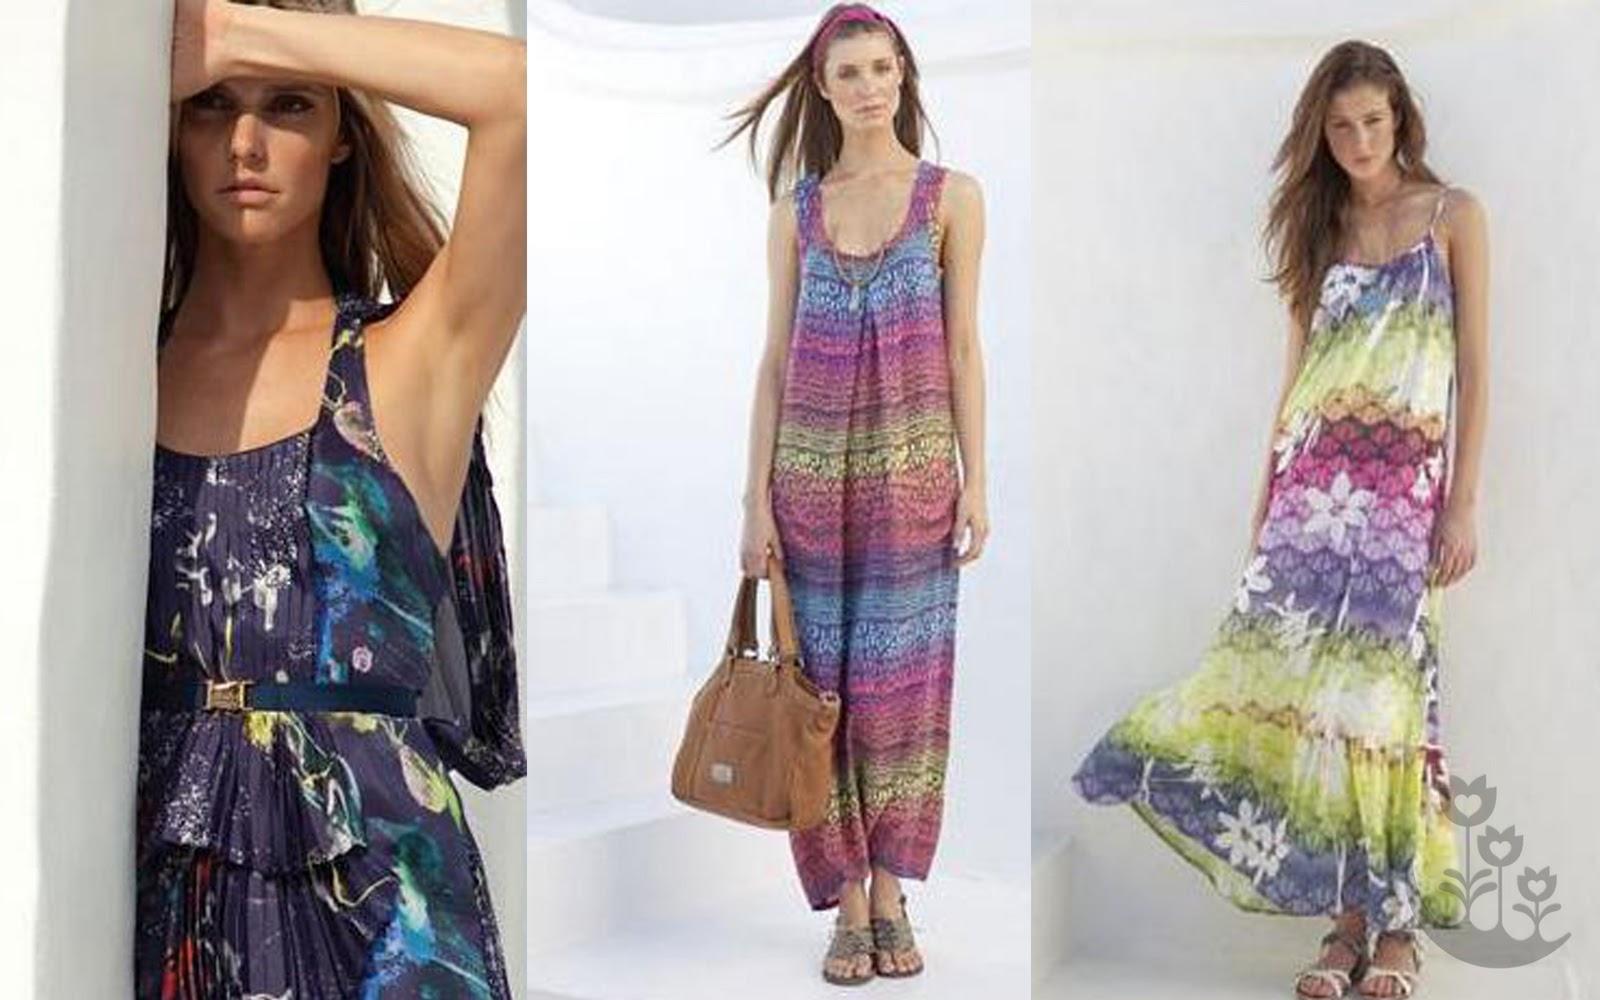 Vestidos hippie chic - IMujer - Últimas publicaciones